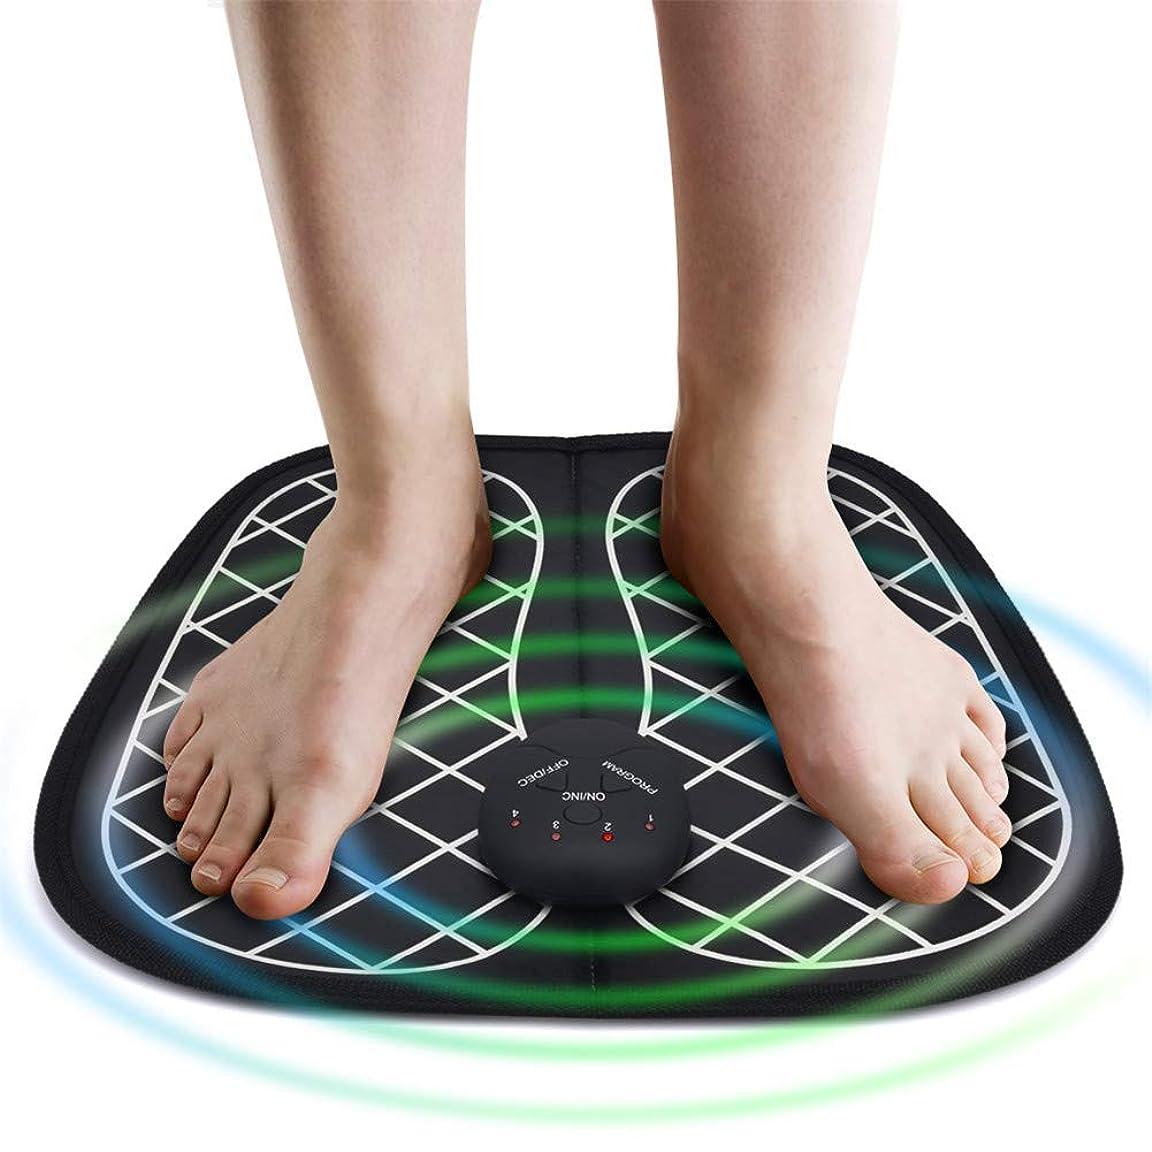 調停する暫定怒る電気フットマッサージャーEMS Abs理学療法若返りフットセラピー多数のワイヤレスフットマッサージャー筋肉刺激装置ユニセックス